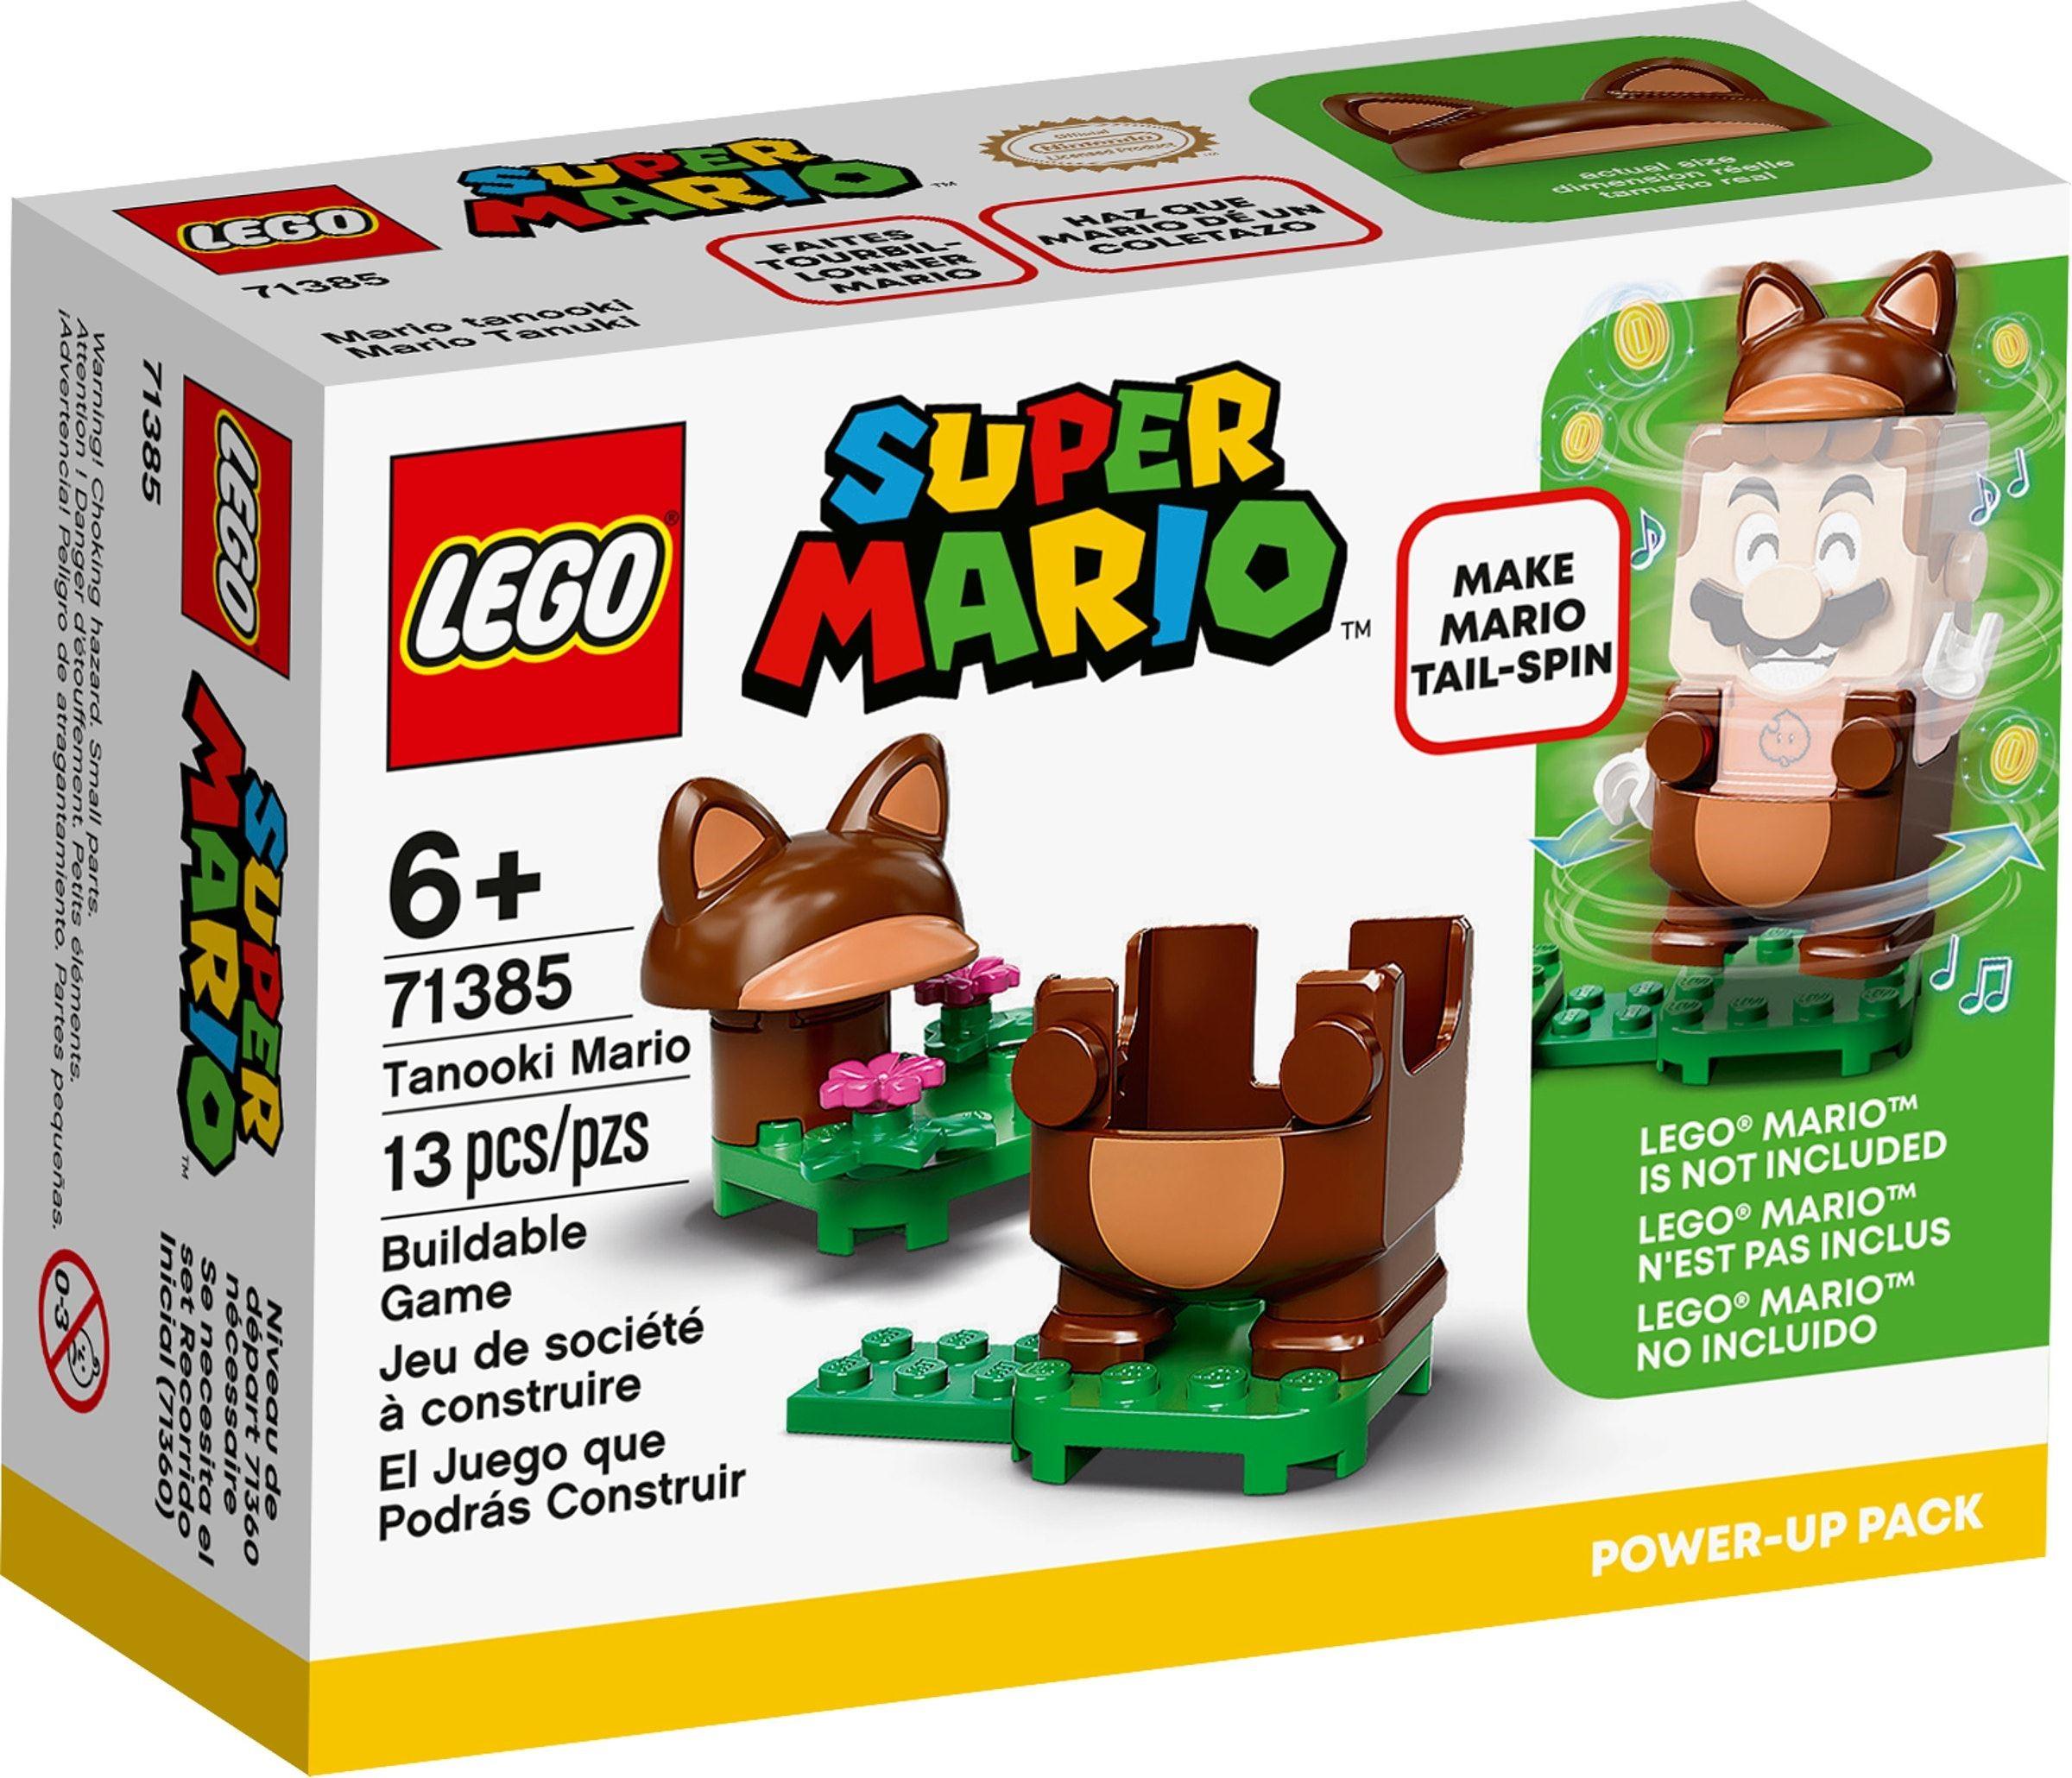 LEGO Super Mario - Tanooki Mario Power-Up Pack (71385)